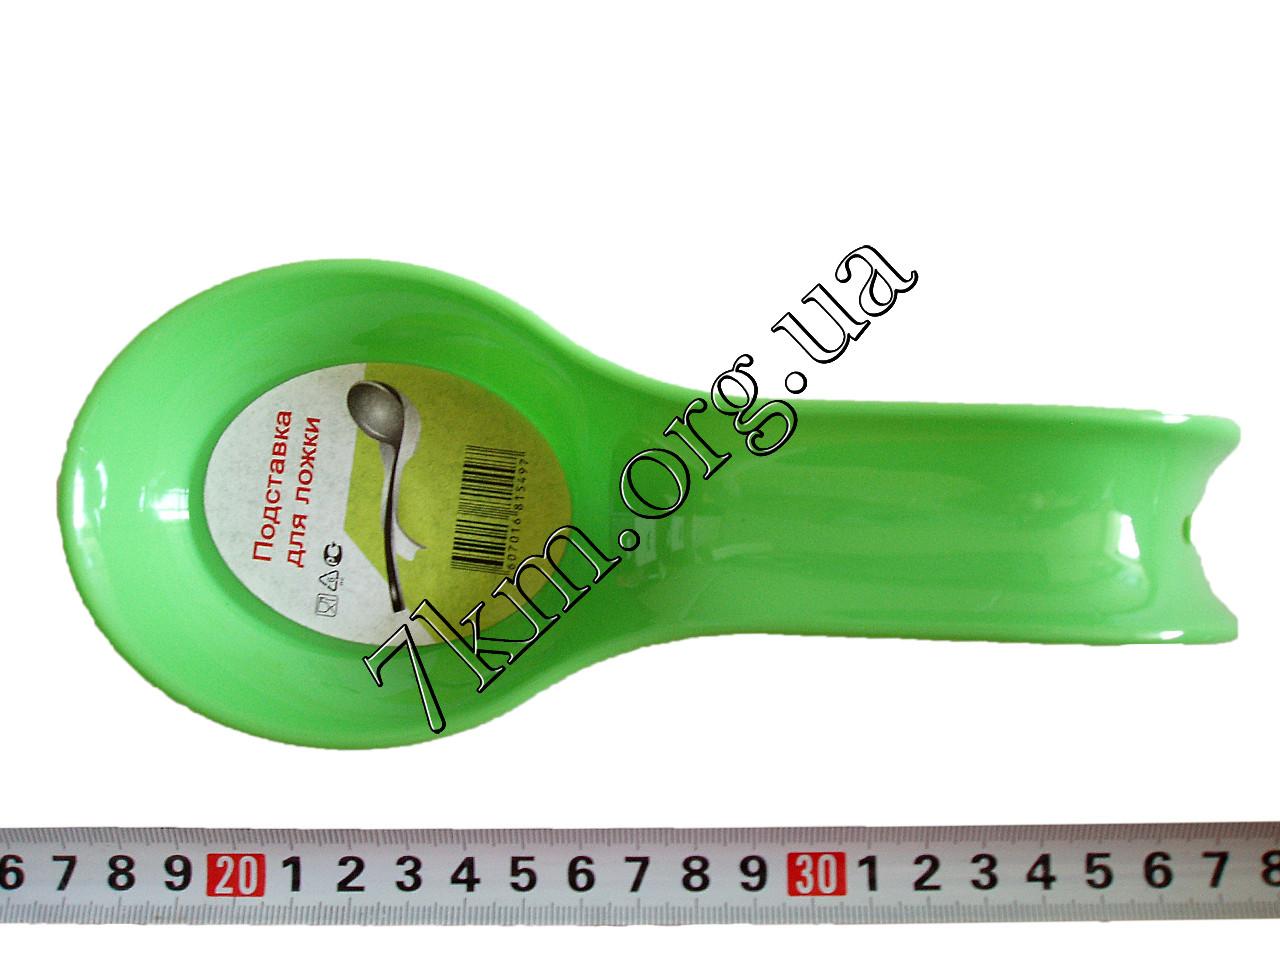 Подставка для ложки пластиковая Оптом Т398 - Детская одежда оптом 7км - Оптовый интернет магазин 7km.org.ua в Одессе